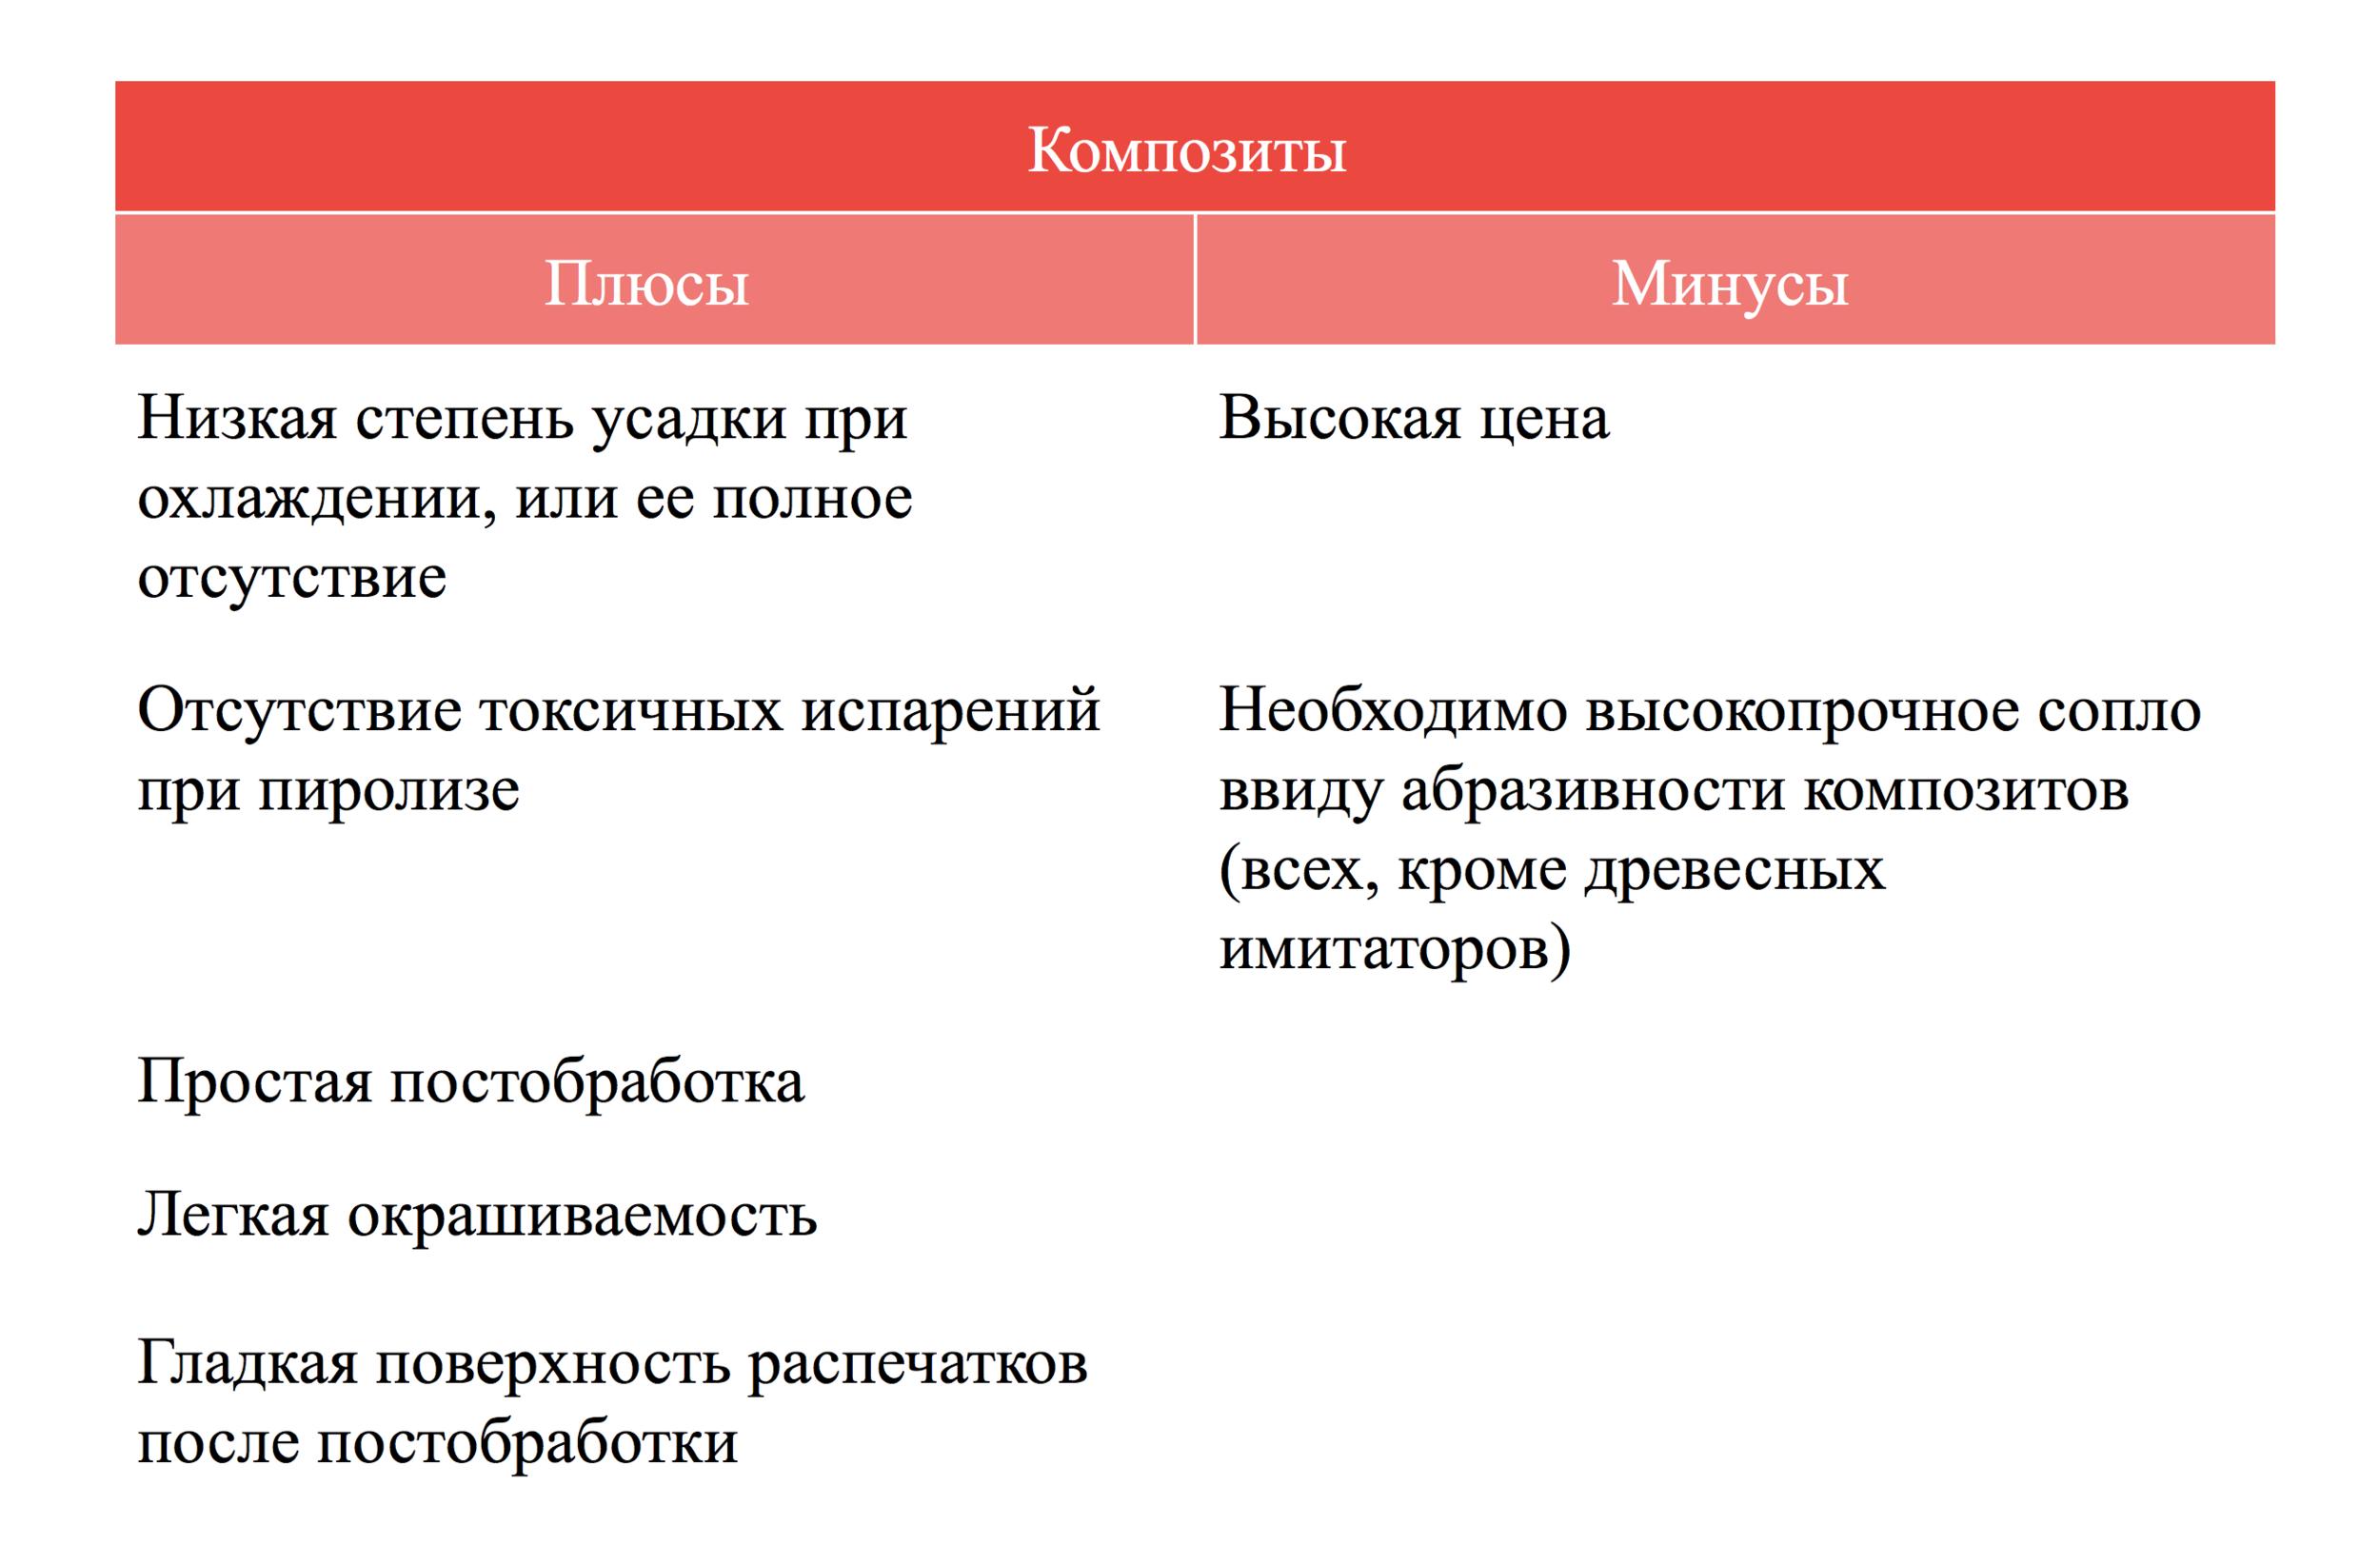 Плюсы и минусы композитов qbed.space.png